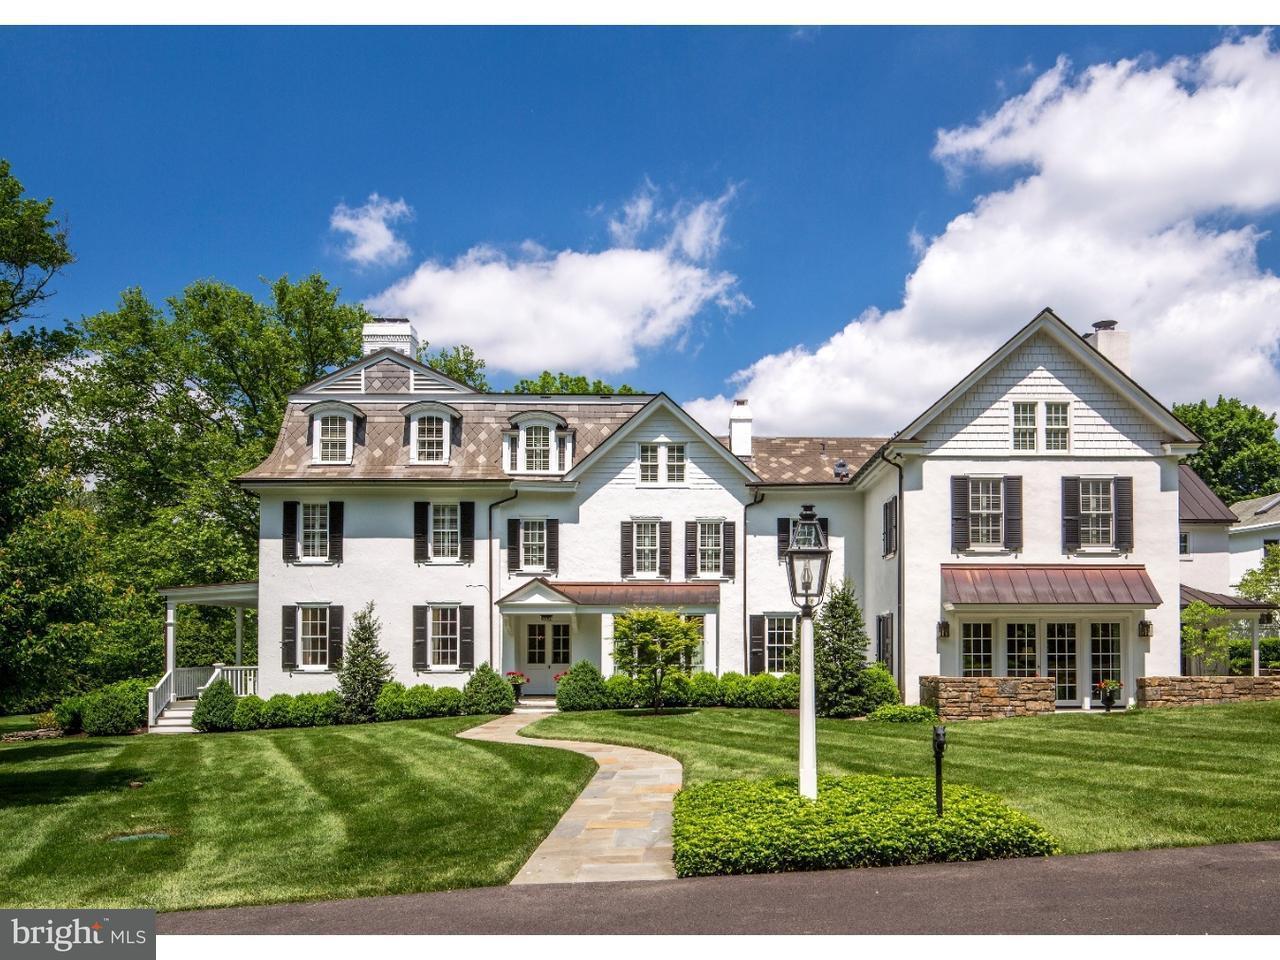 Частный односемейный дом для того Продажа на 508 PENLLYN PIKE Lower Gwynedd, Пенсильвания 19422 Соединенные Штаты